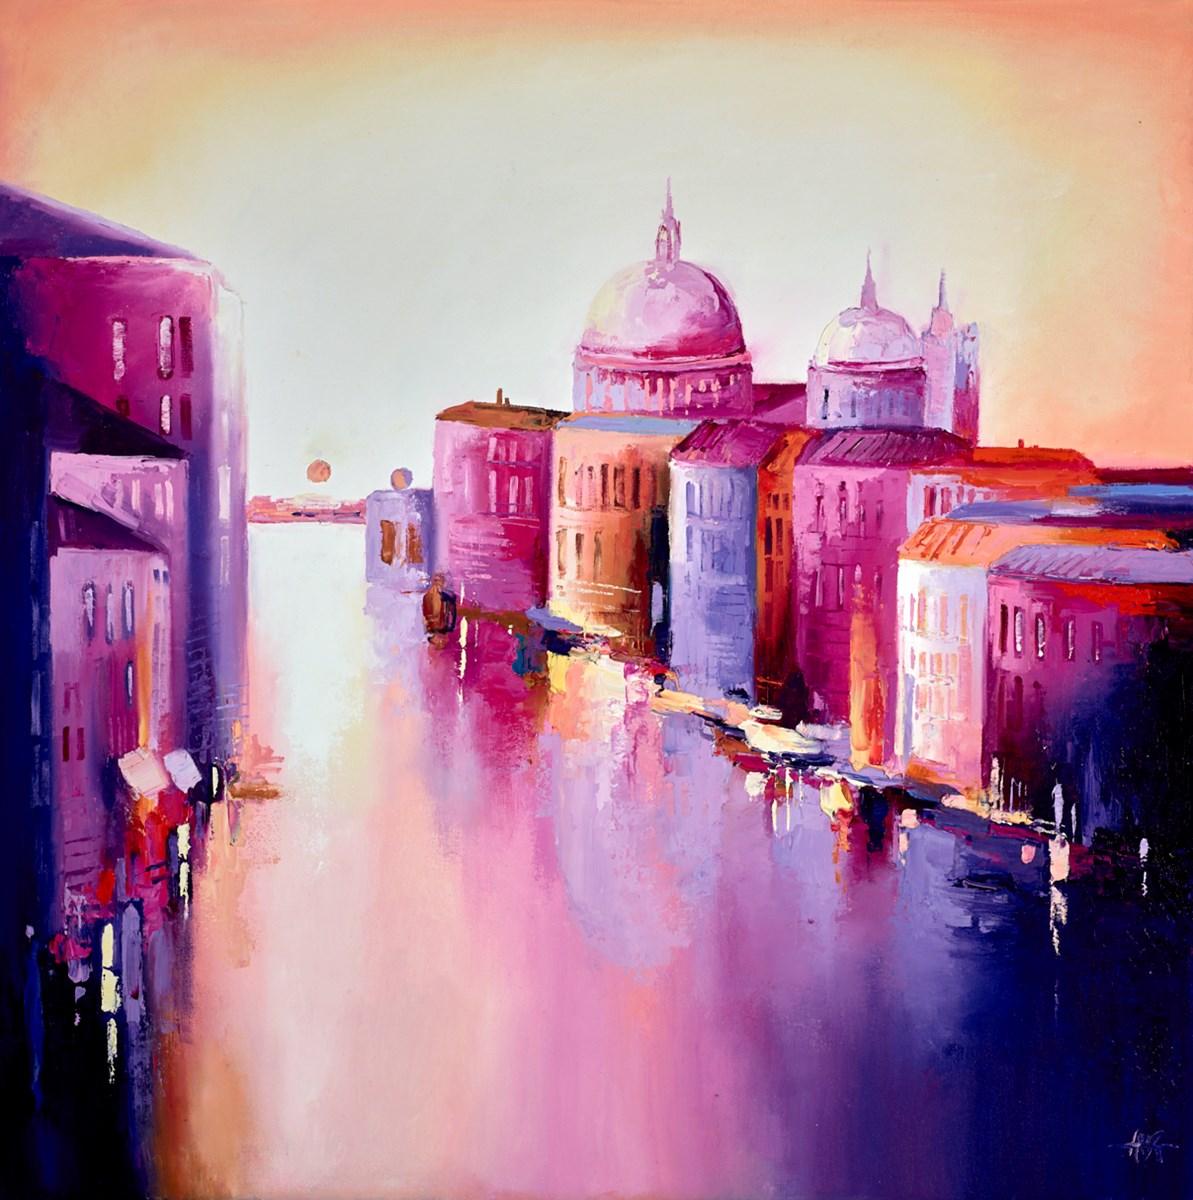 https://I191432861.artbookresources.co.uk/Products/9174733/Image